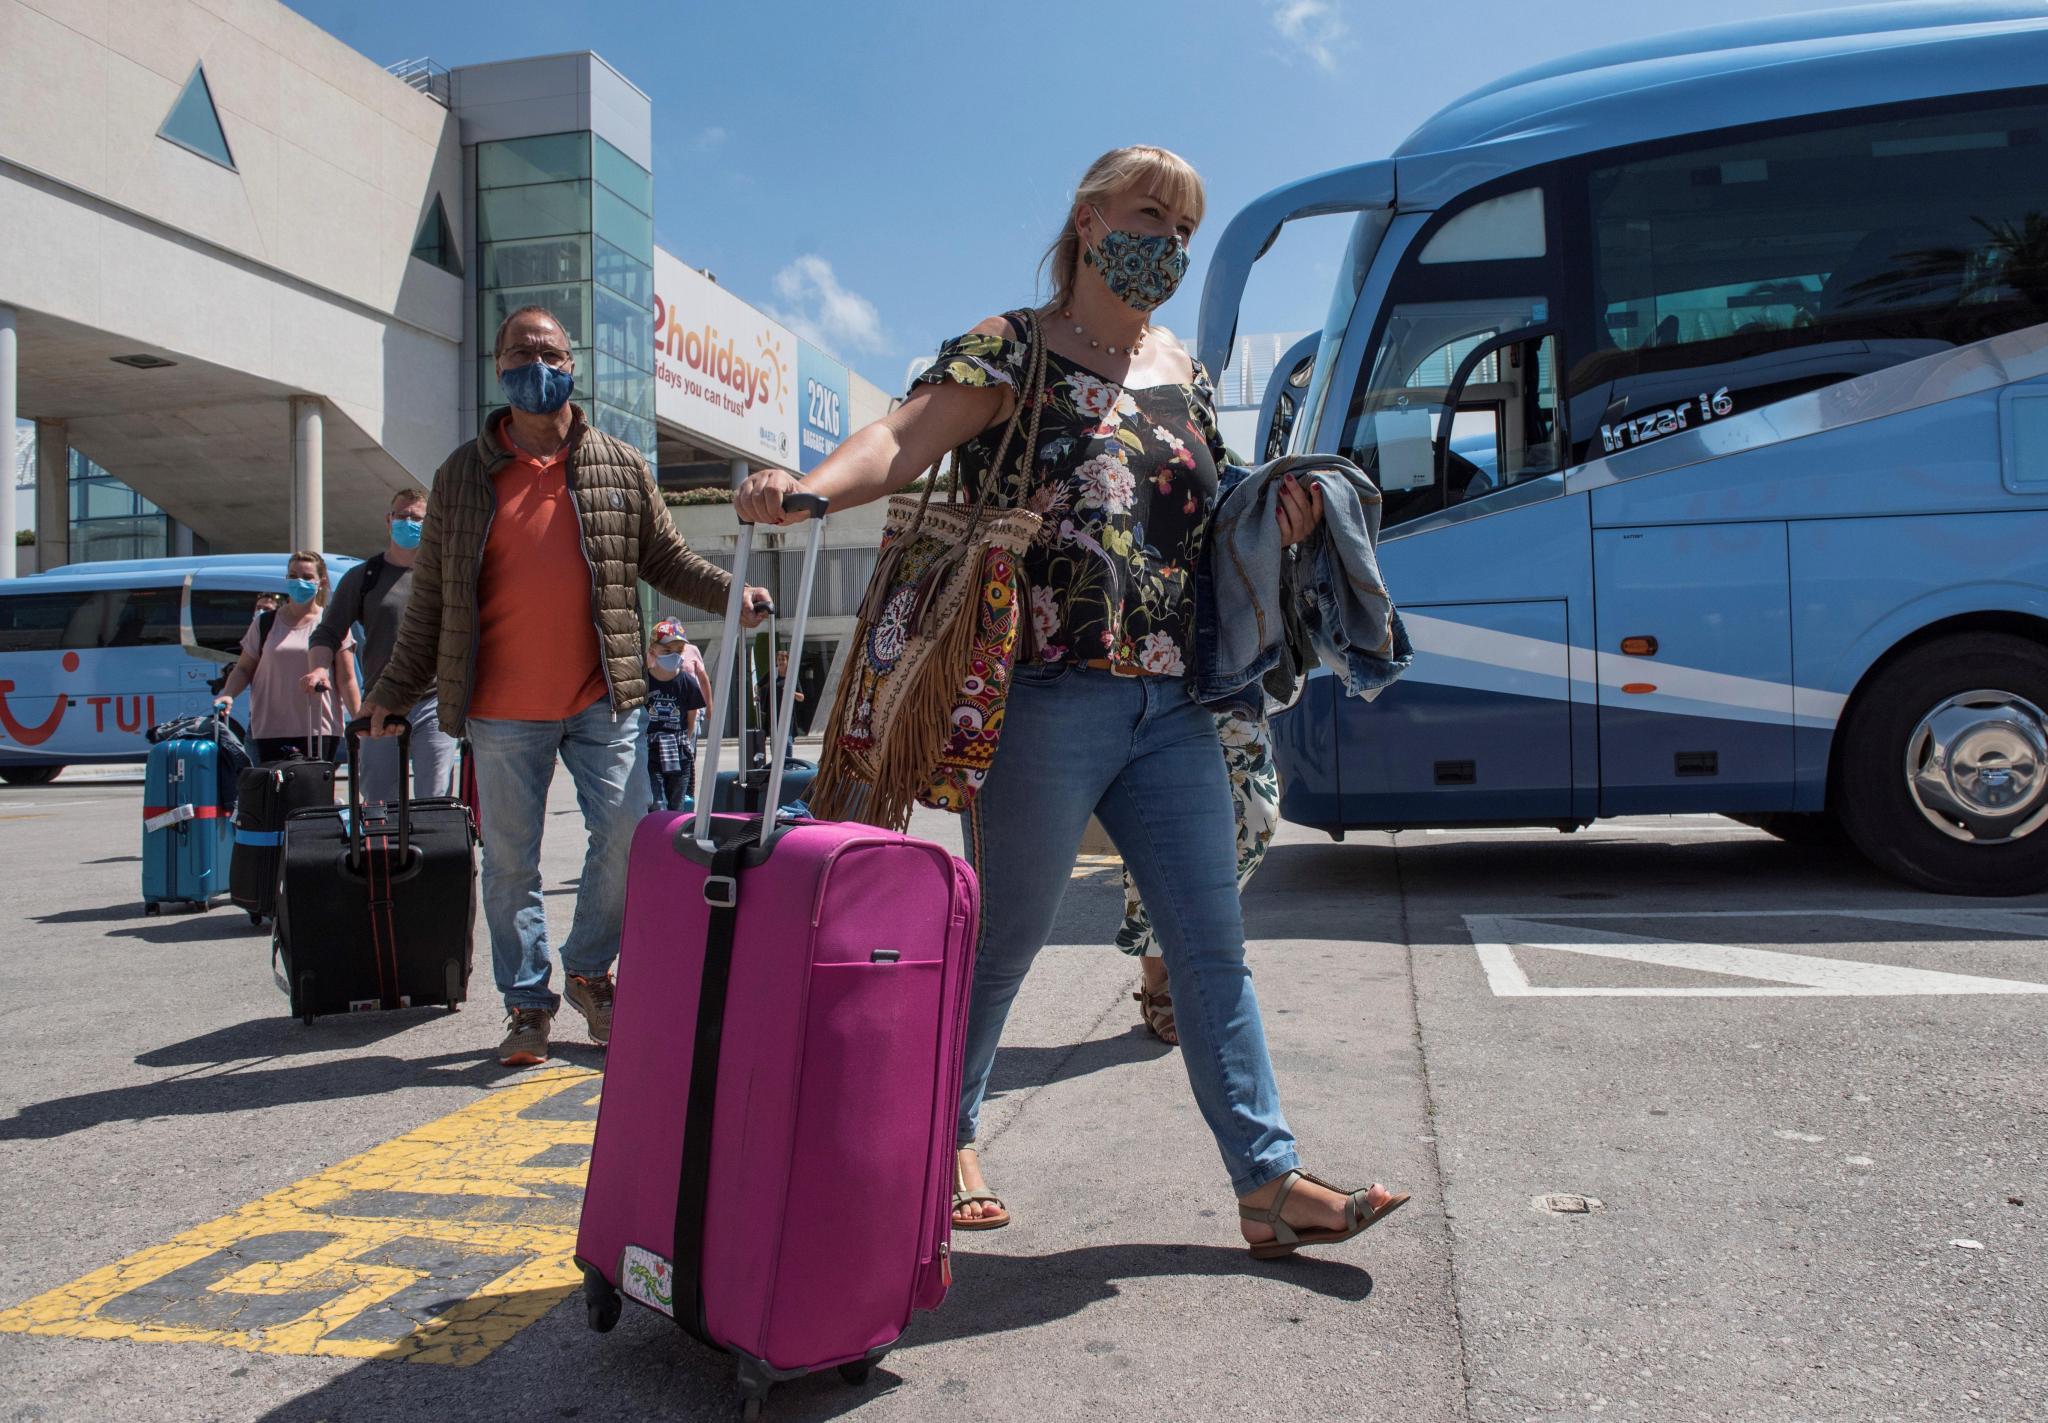 Casi 400 alemanes llegan el lunes con Tui a Mallorca en marco de plan piloto